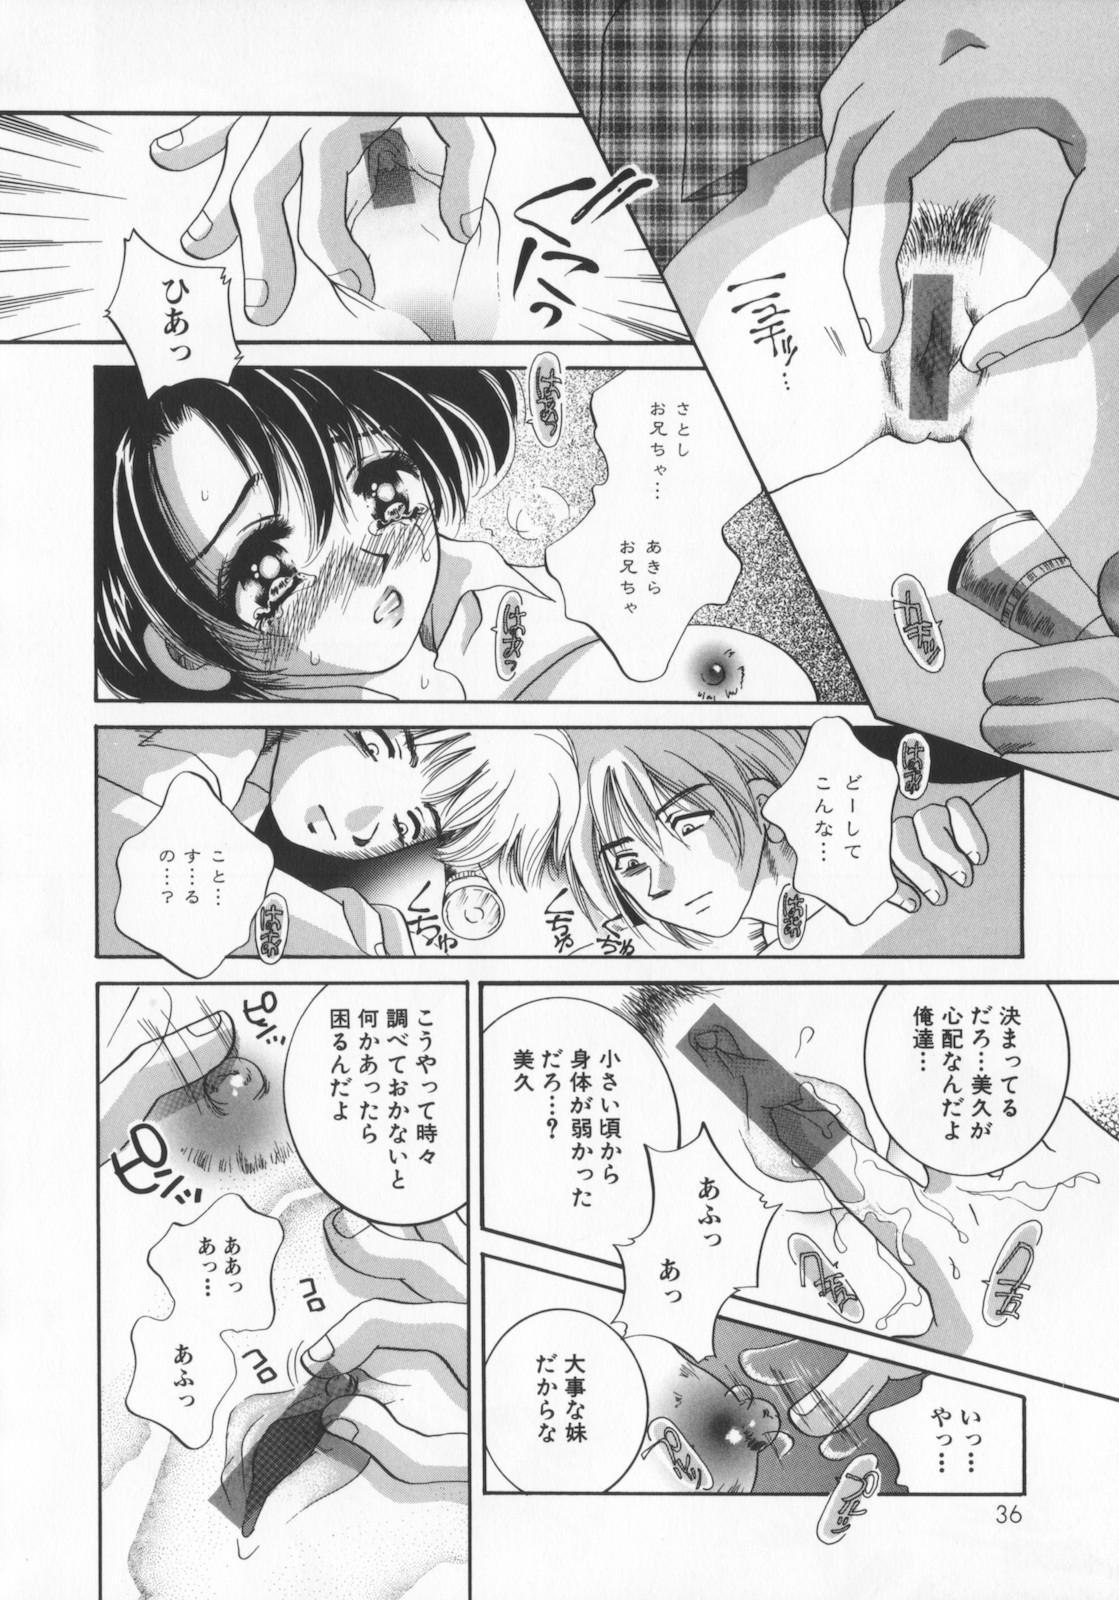 Kichiku dorei 39